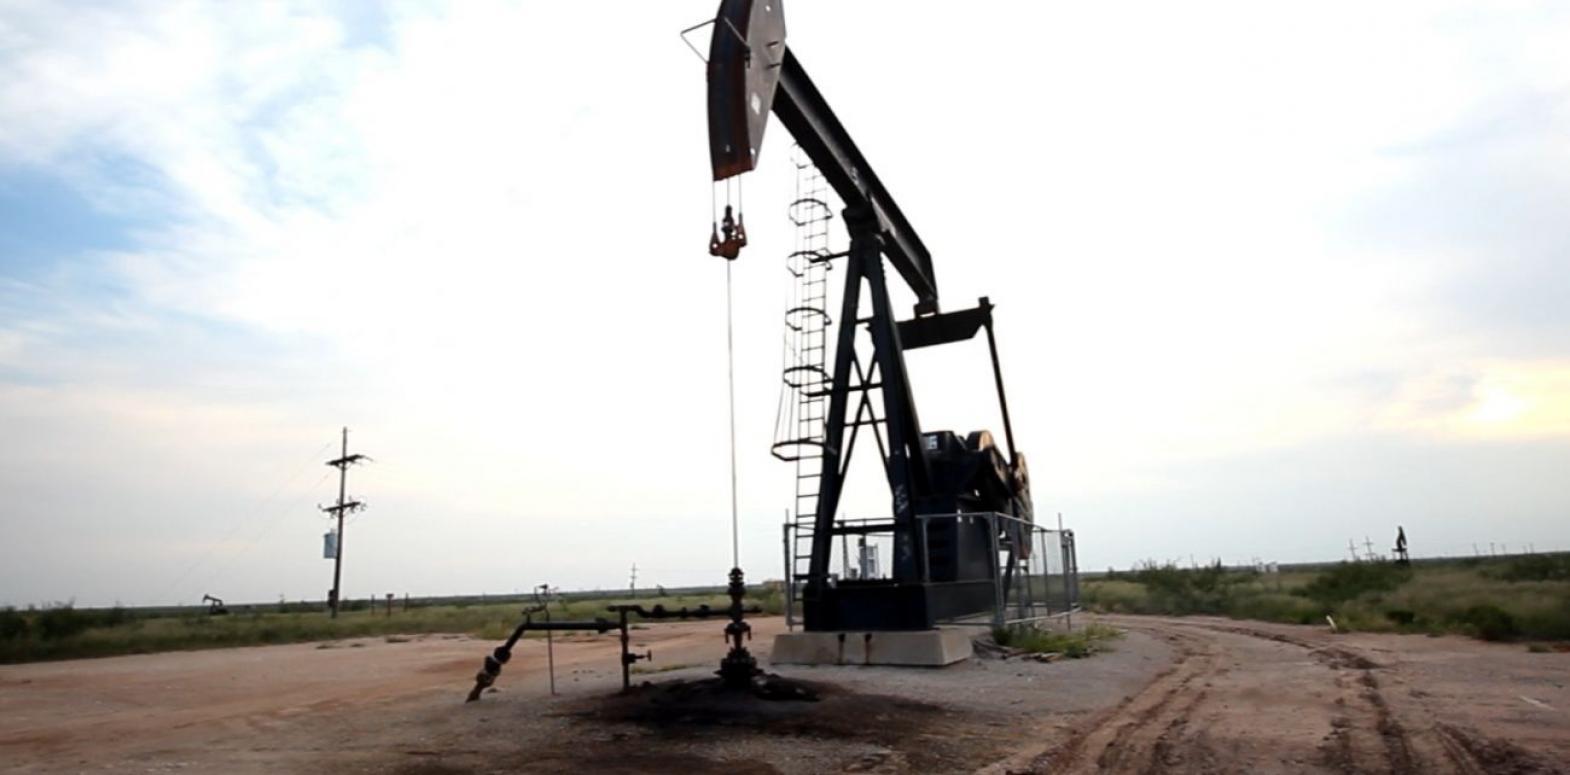 Цены на нефть продолжили падение на фоне резкого укрепления курс доллара